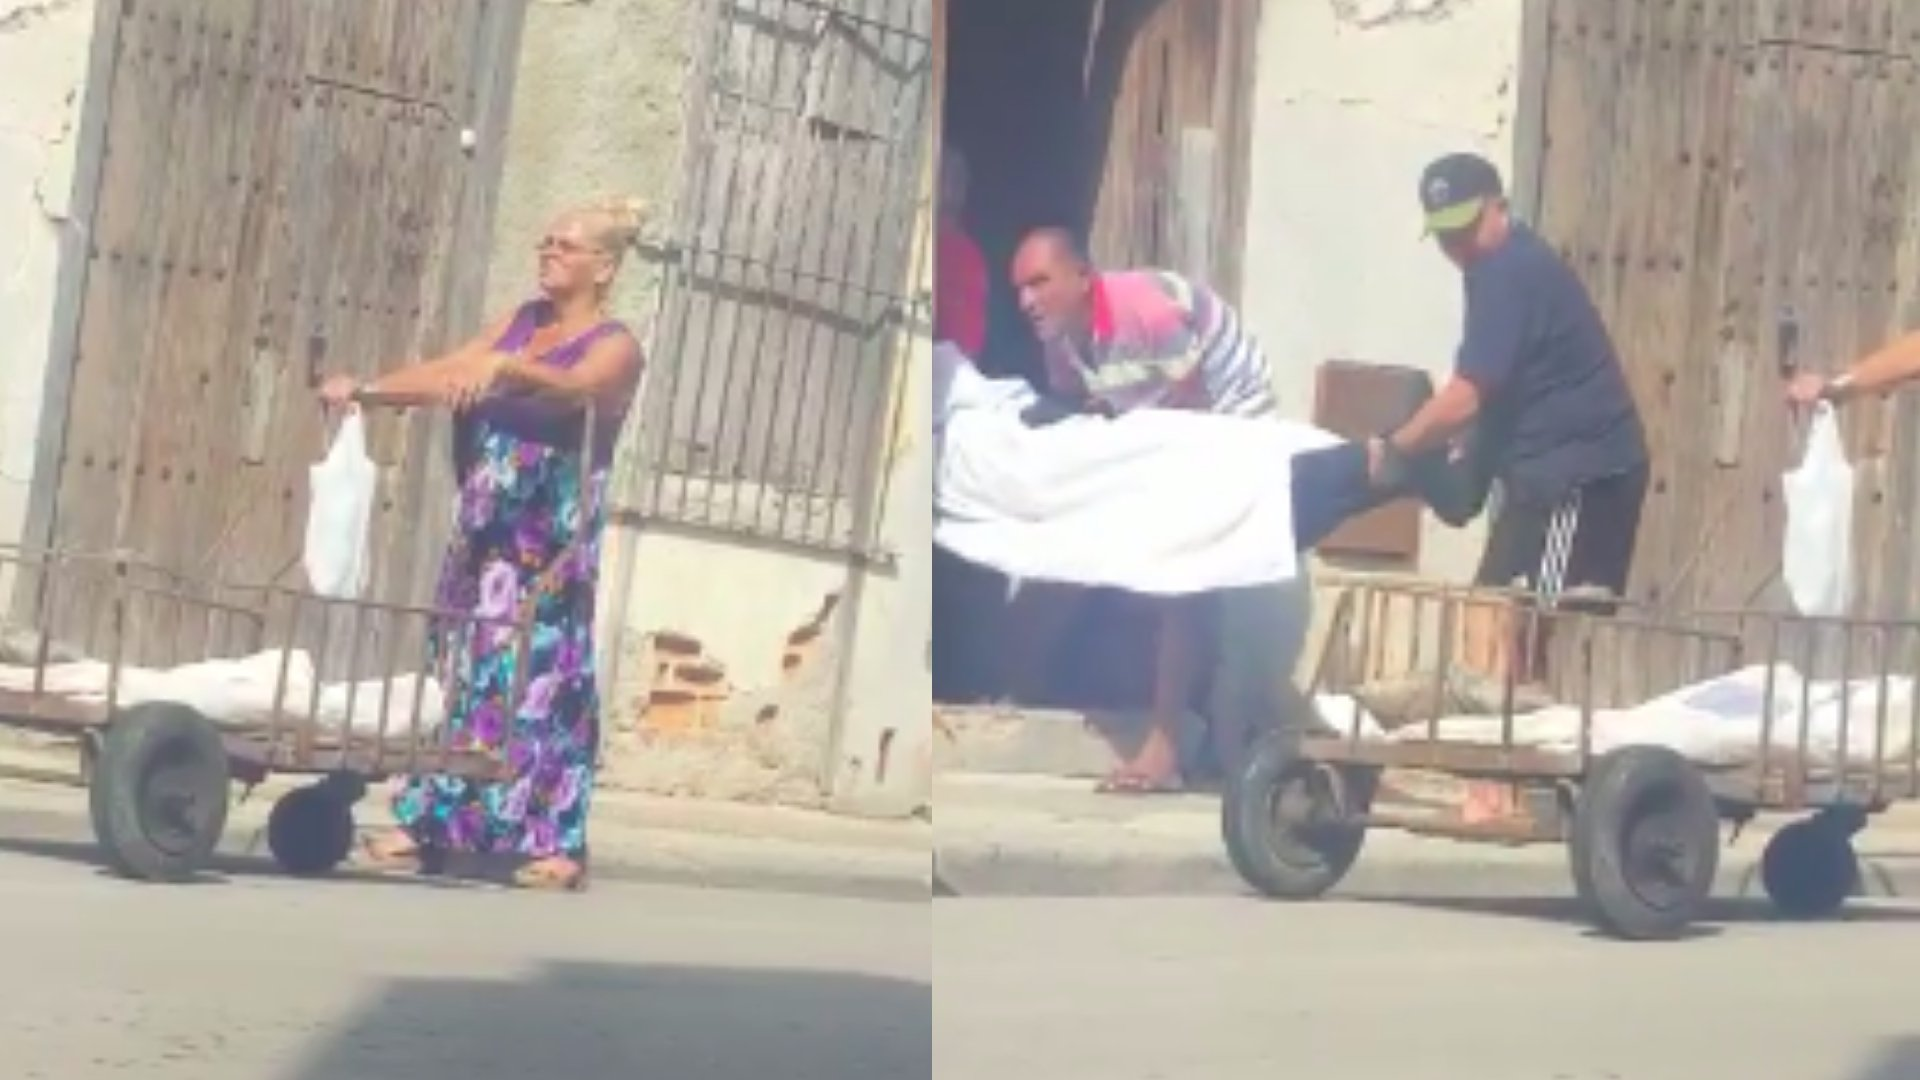 En La Habana familia traslada fallecido en carretilla hasta la funeraria a falta de carro fúnebre